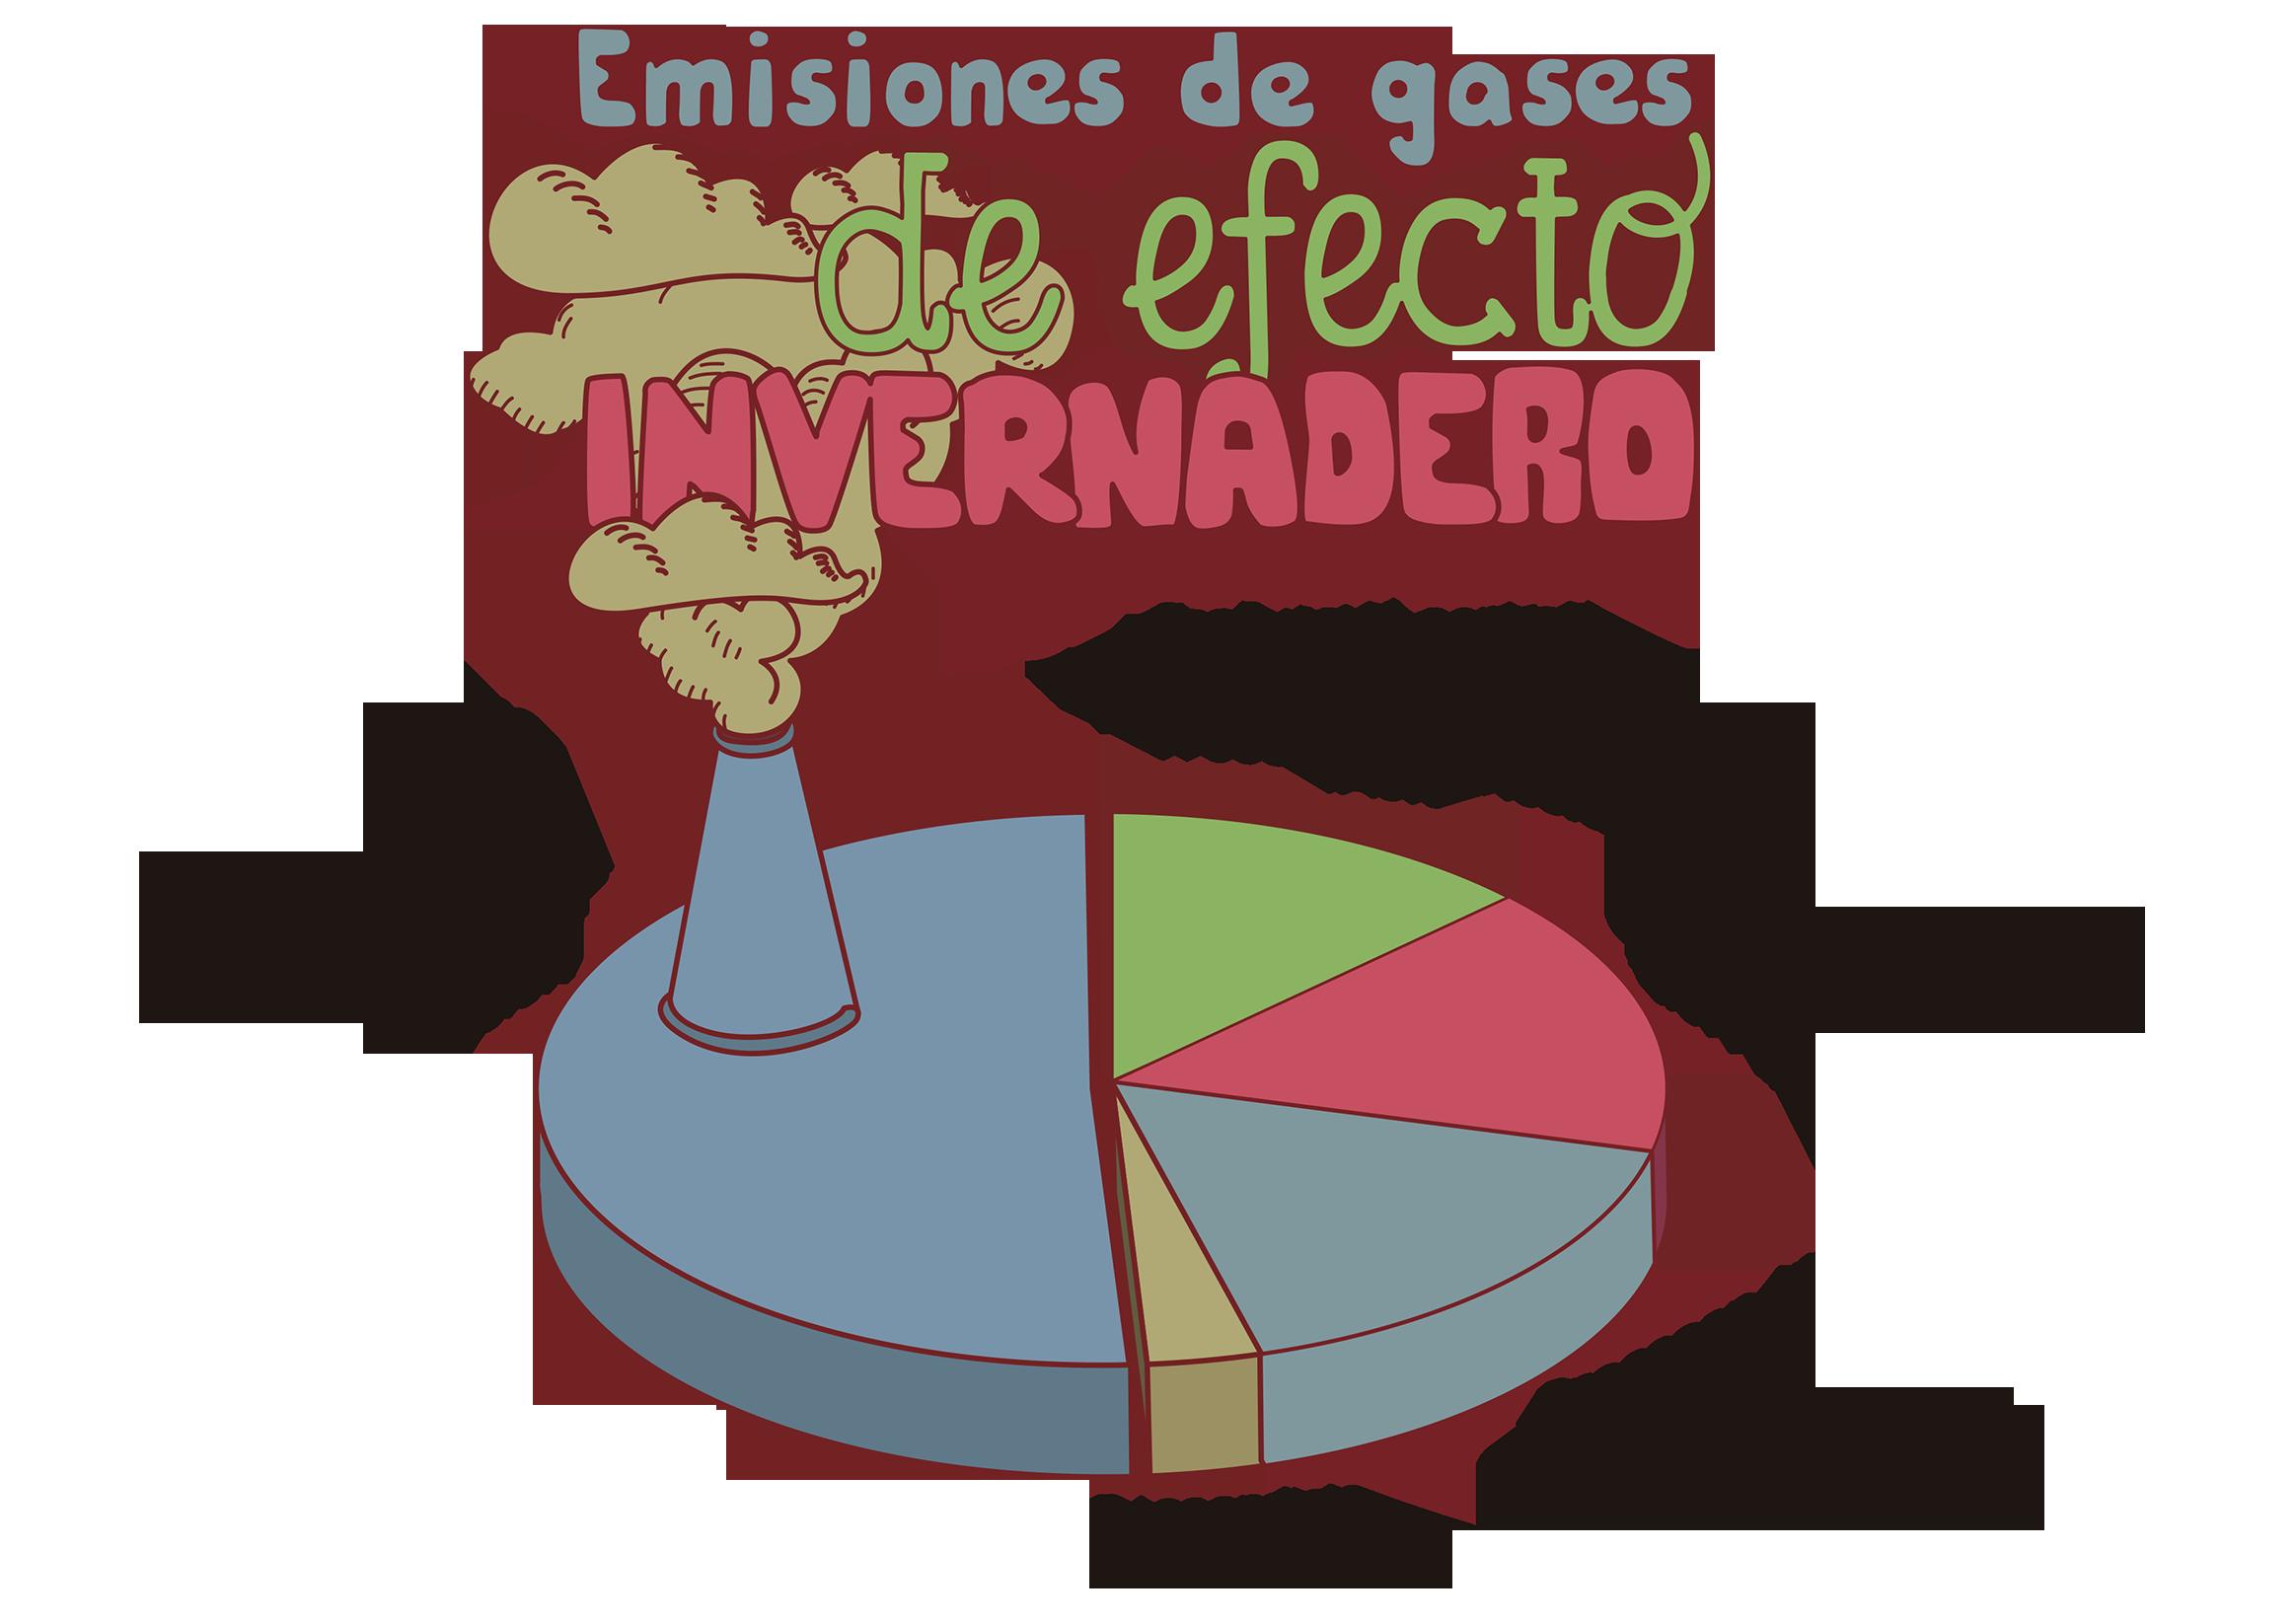 emisiones gases efecto invernadero foodtopia barrio soberano